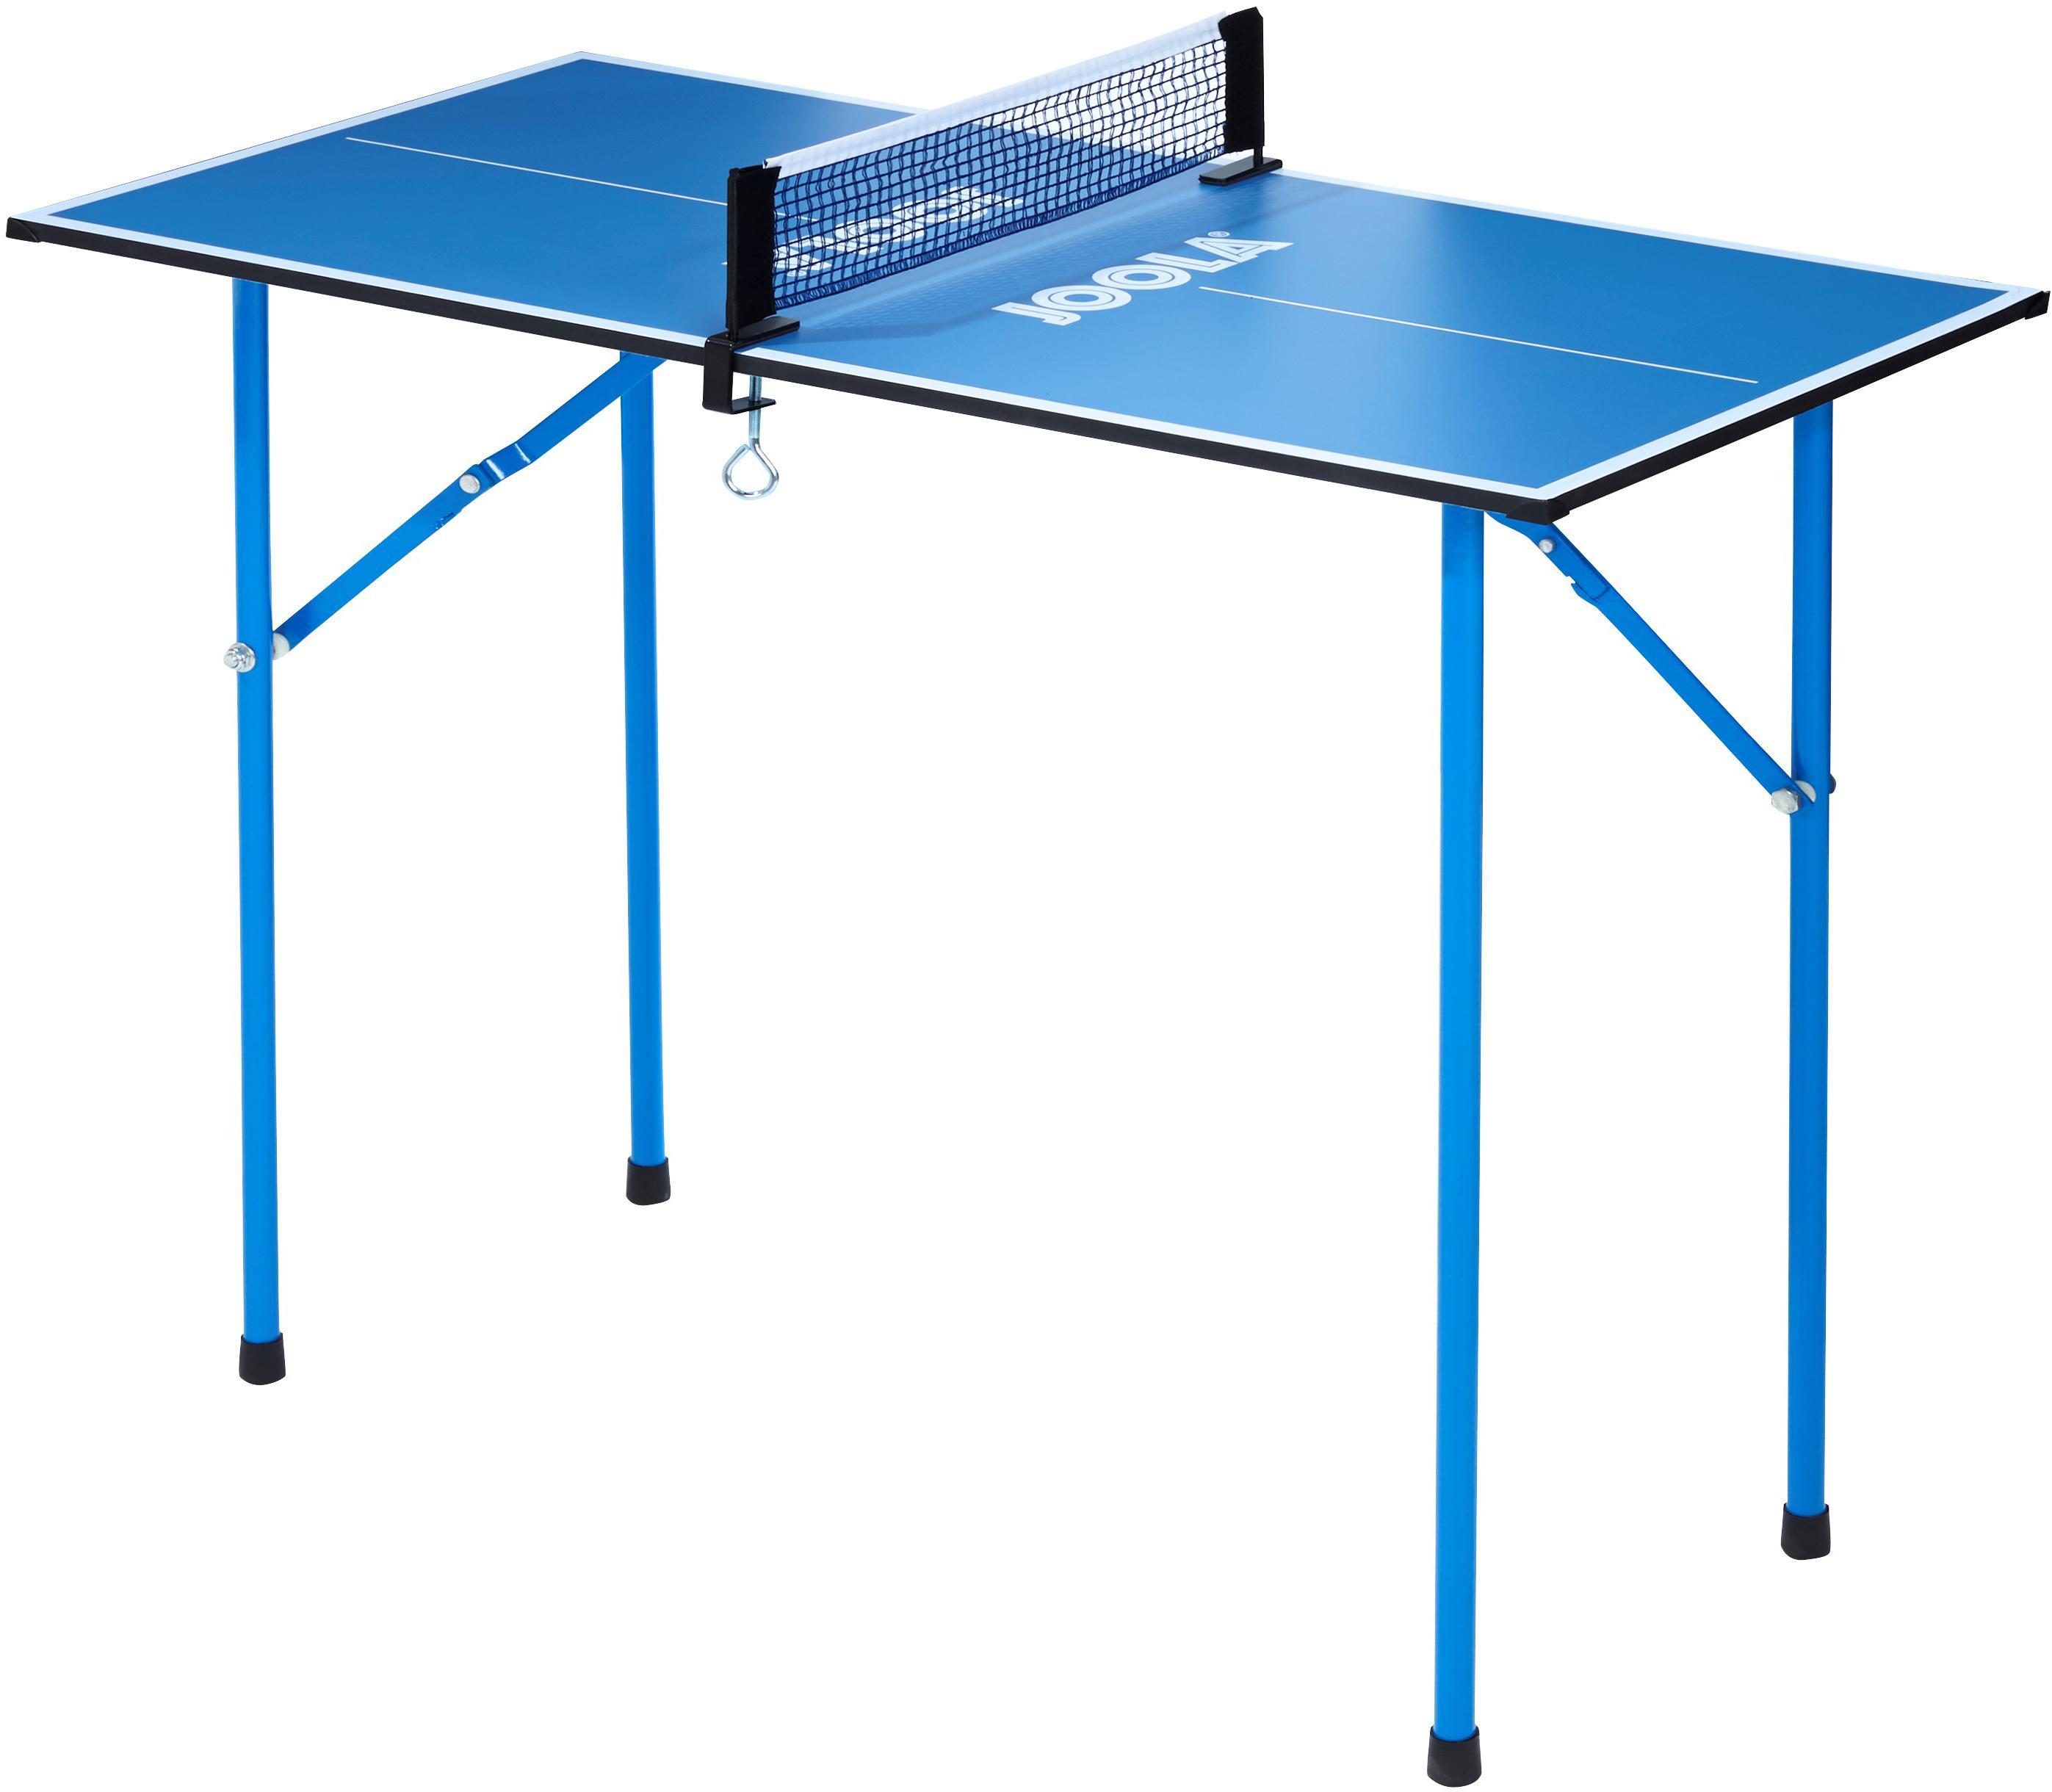 Joola Mini-Tischtennisplatte Mini, (2 tlg.), Das Netz ist im Lieferumfang enthalten blau Tischtennis-Ausrüstung Tischtennis Sportarten